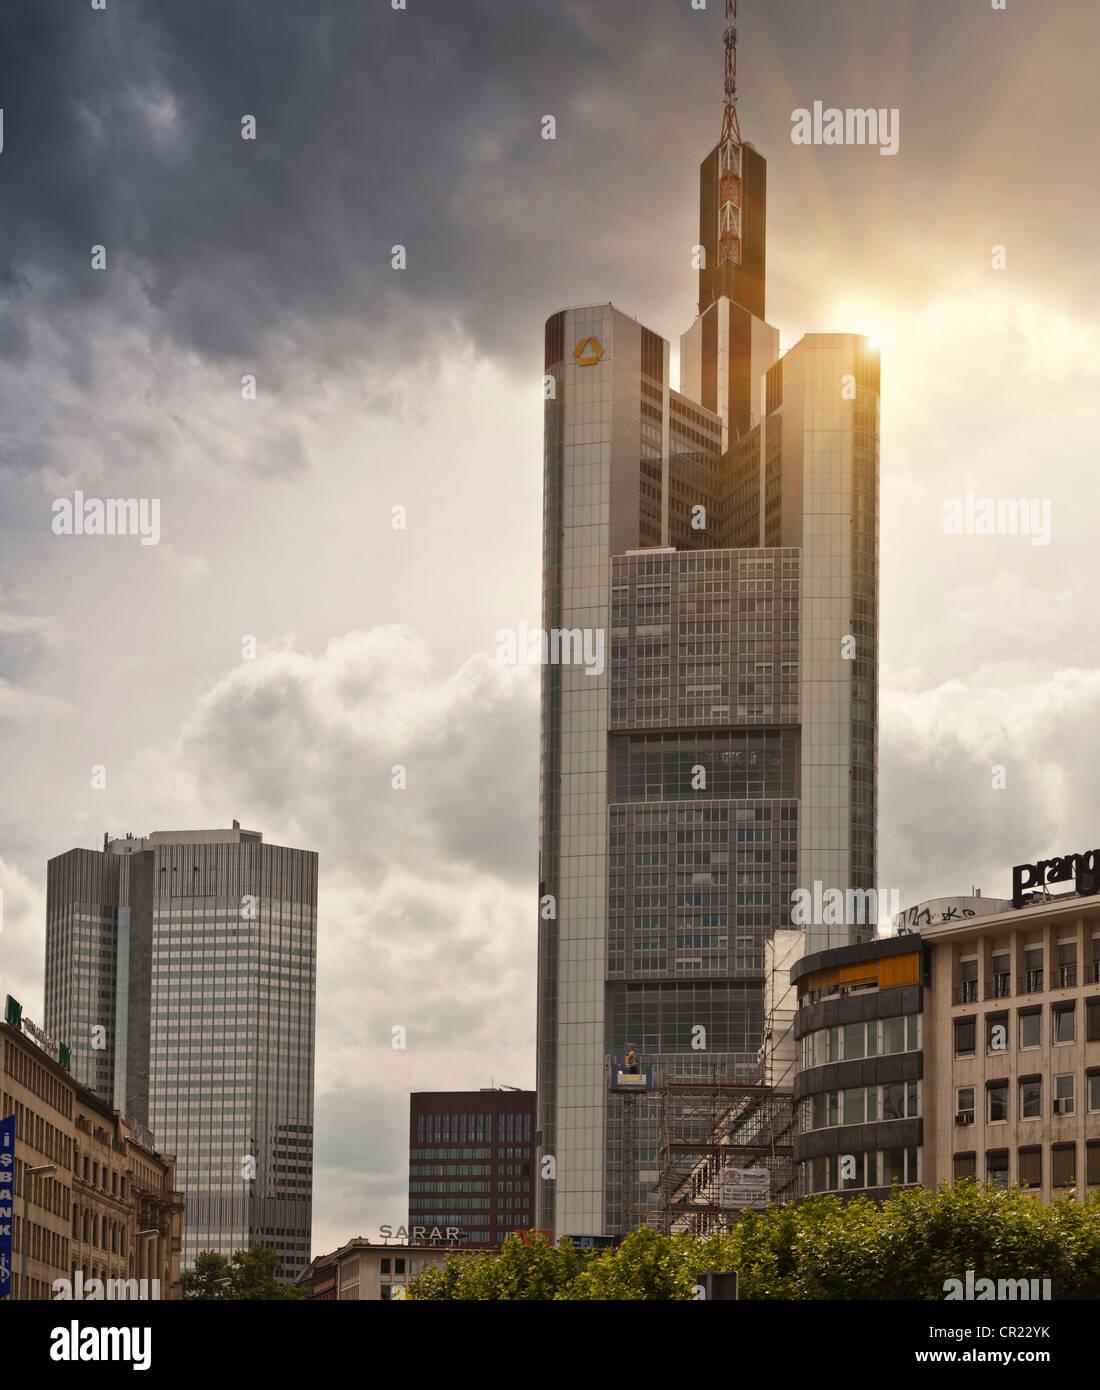 Grattacieli in centro città Immagini Stock